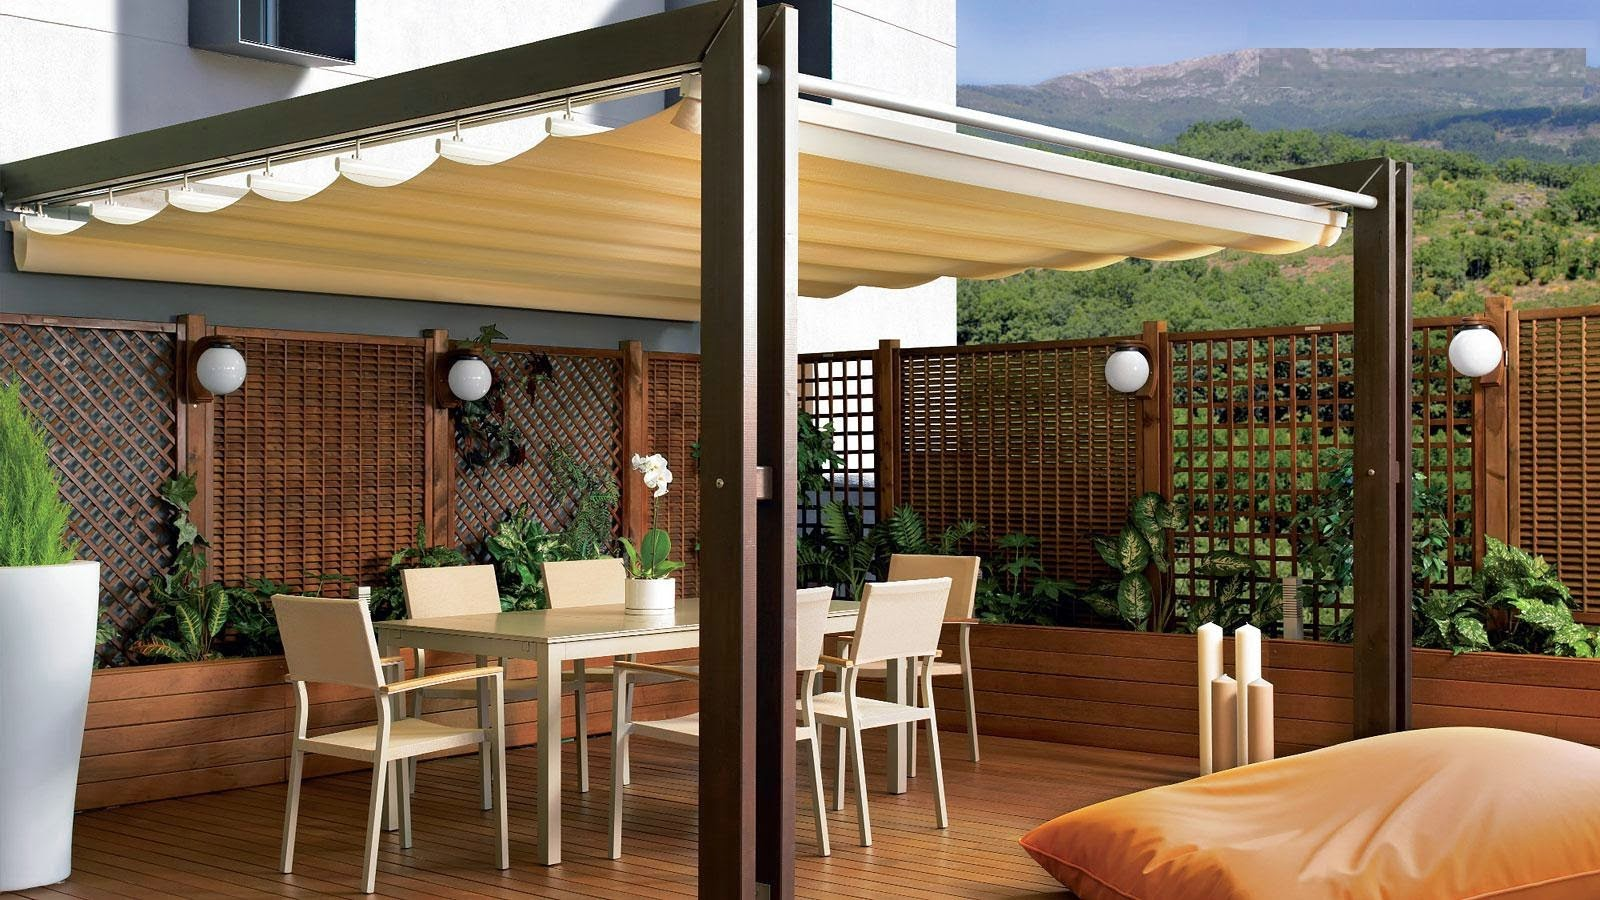 Consejos para decorar jardines en terrazas y balcones for Terrazas decoradas